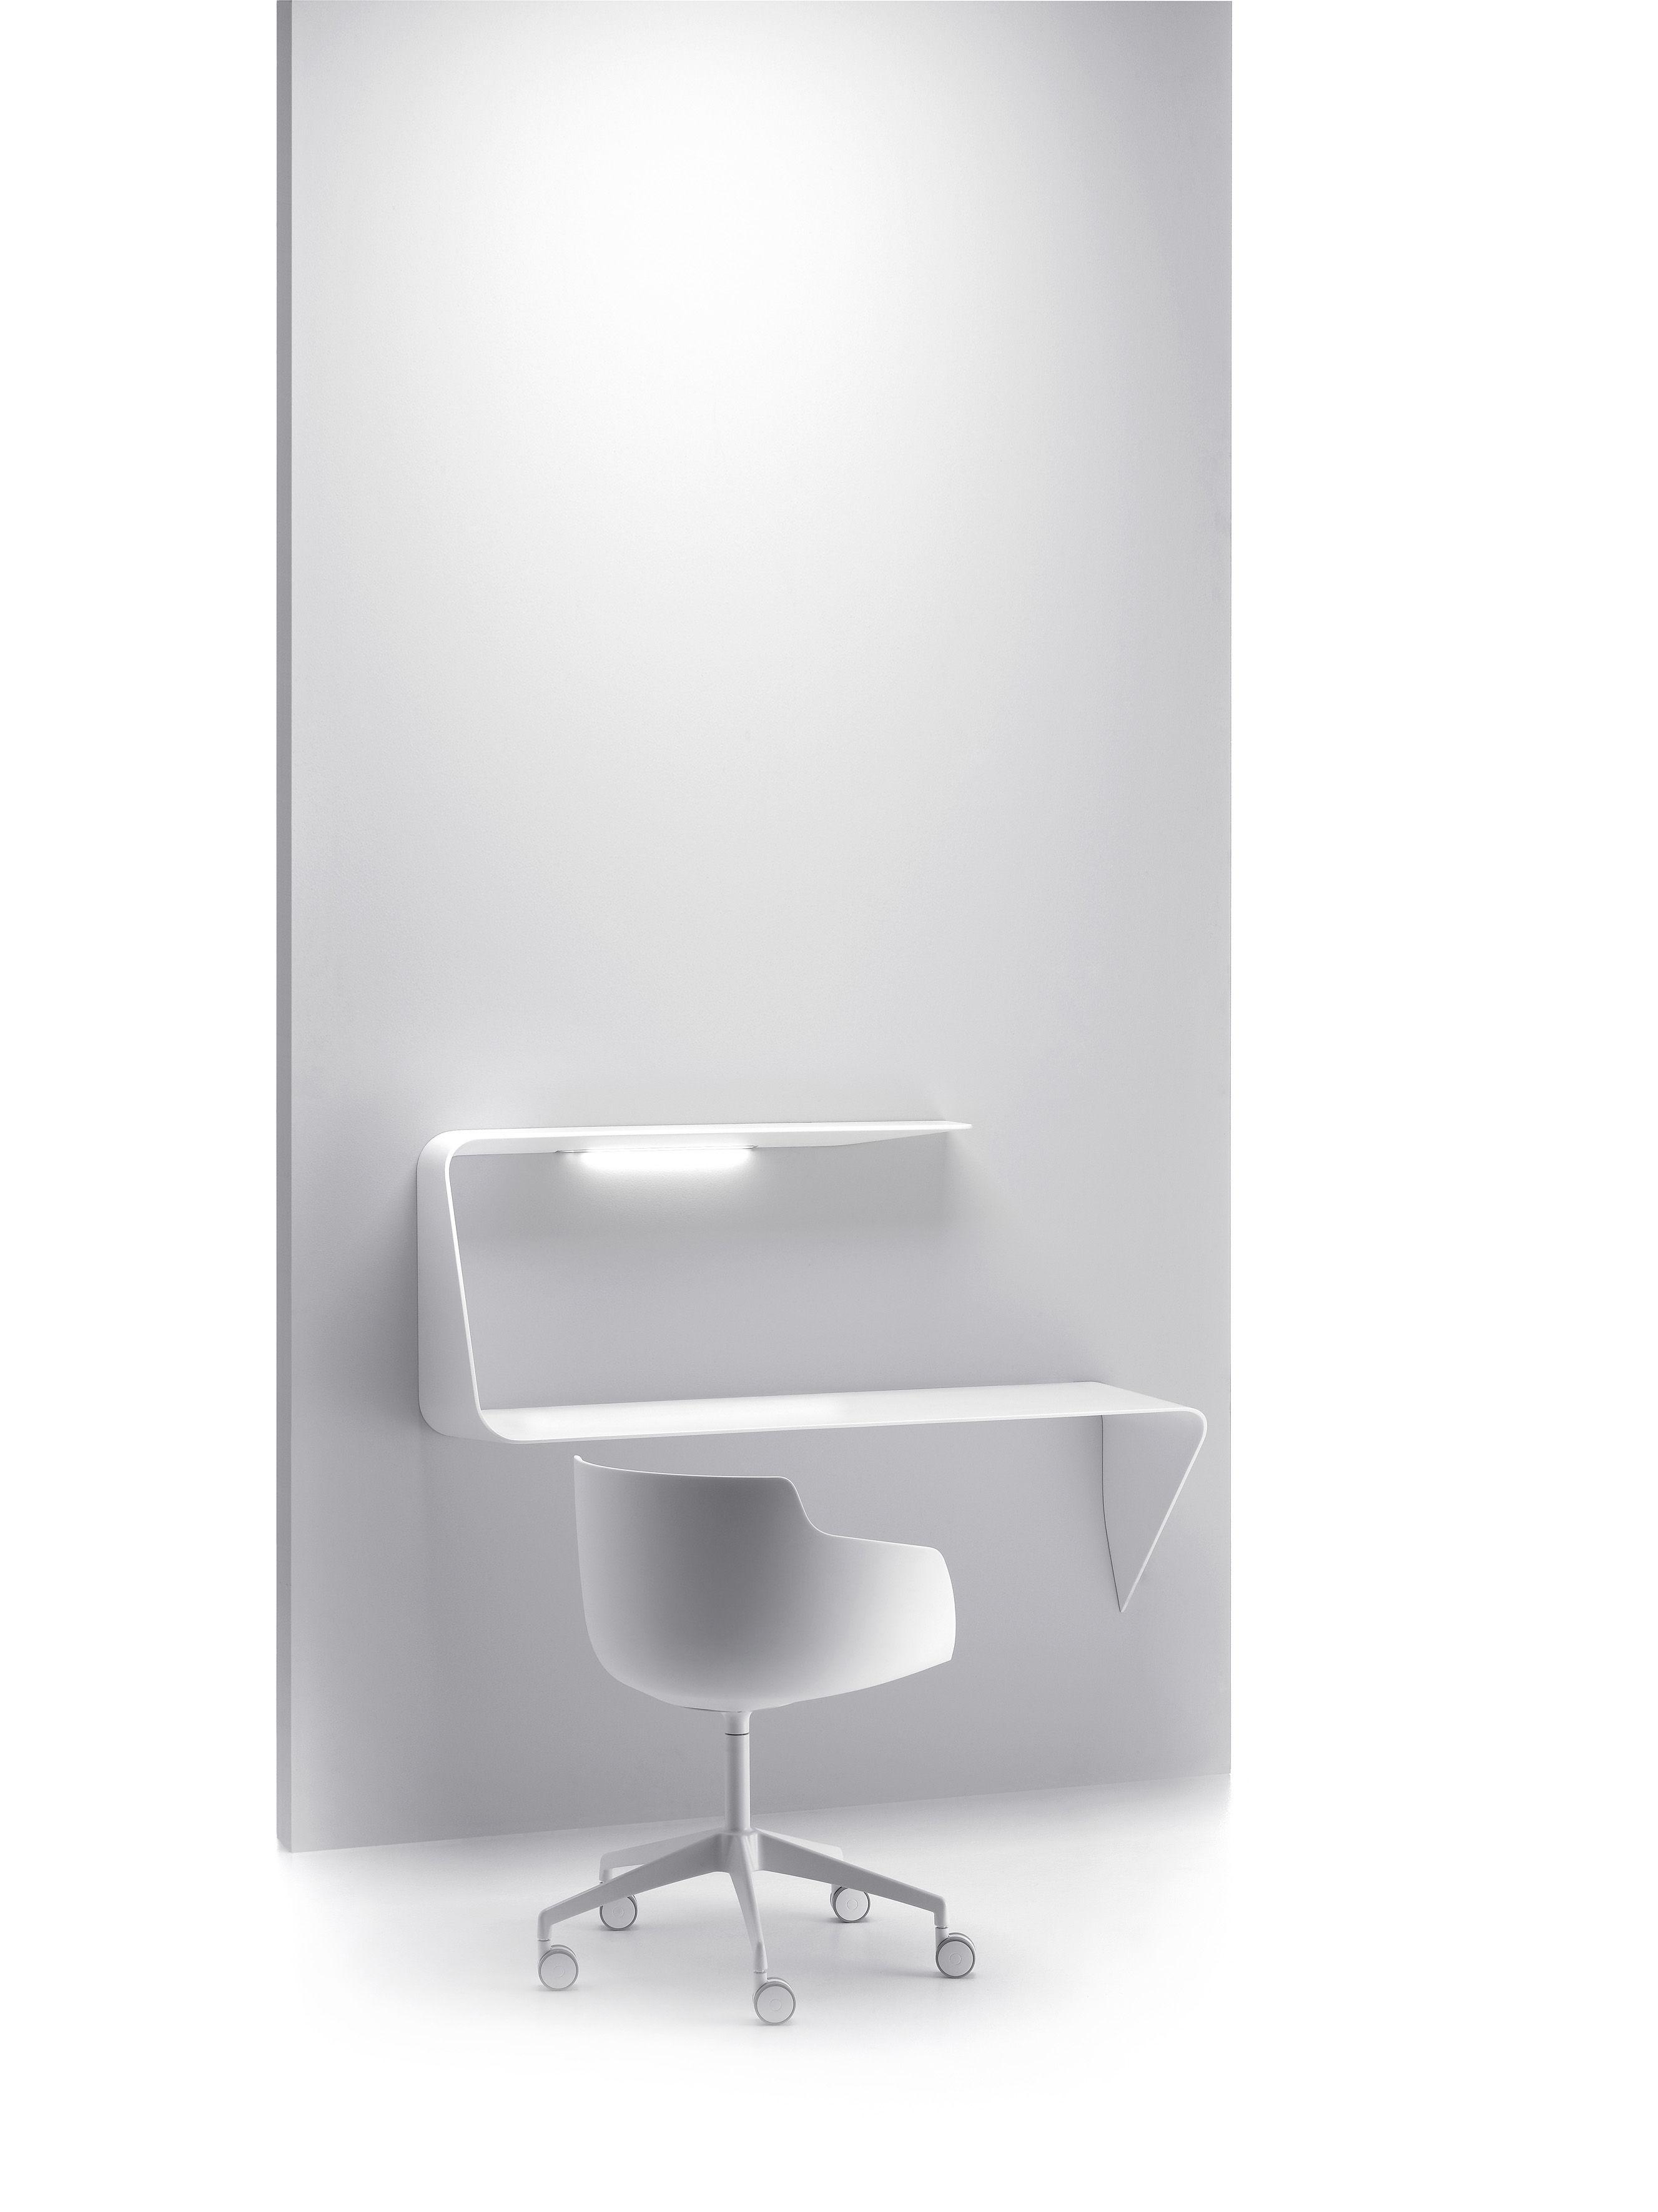 mamba wandregal ecke rechts l 135 cm mdf italia. Black Bedroom Furniture Sets. Home Design Ideas